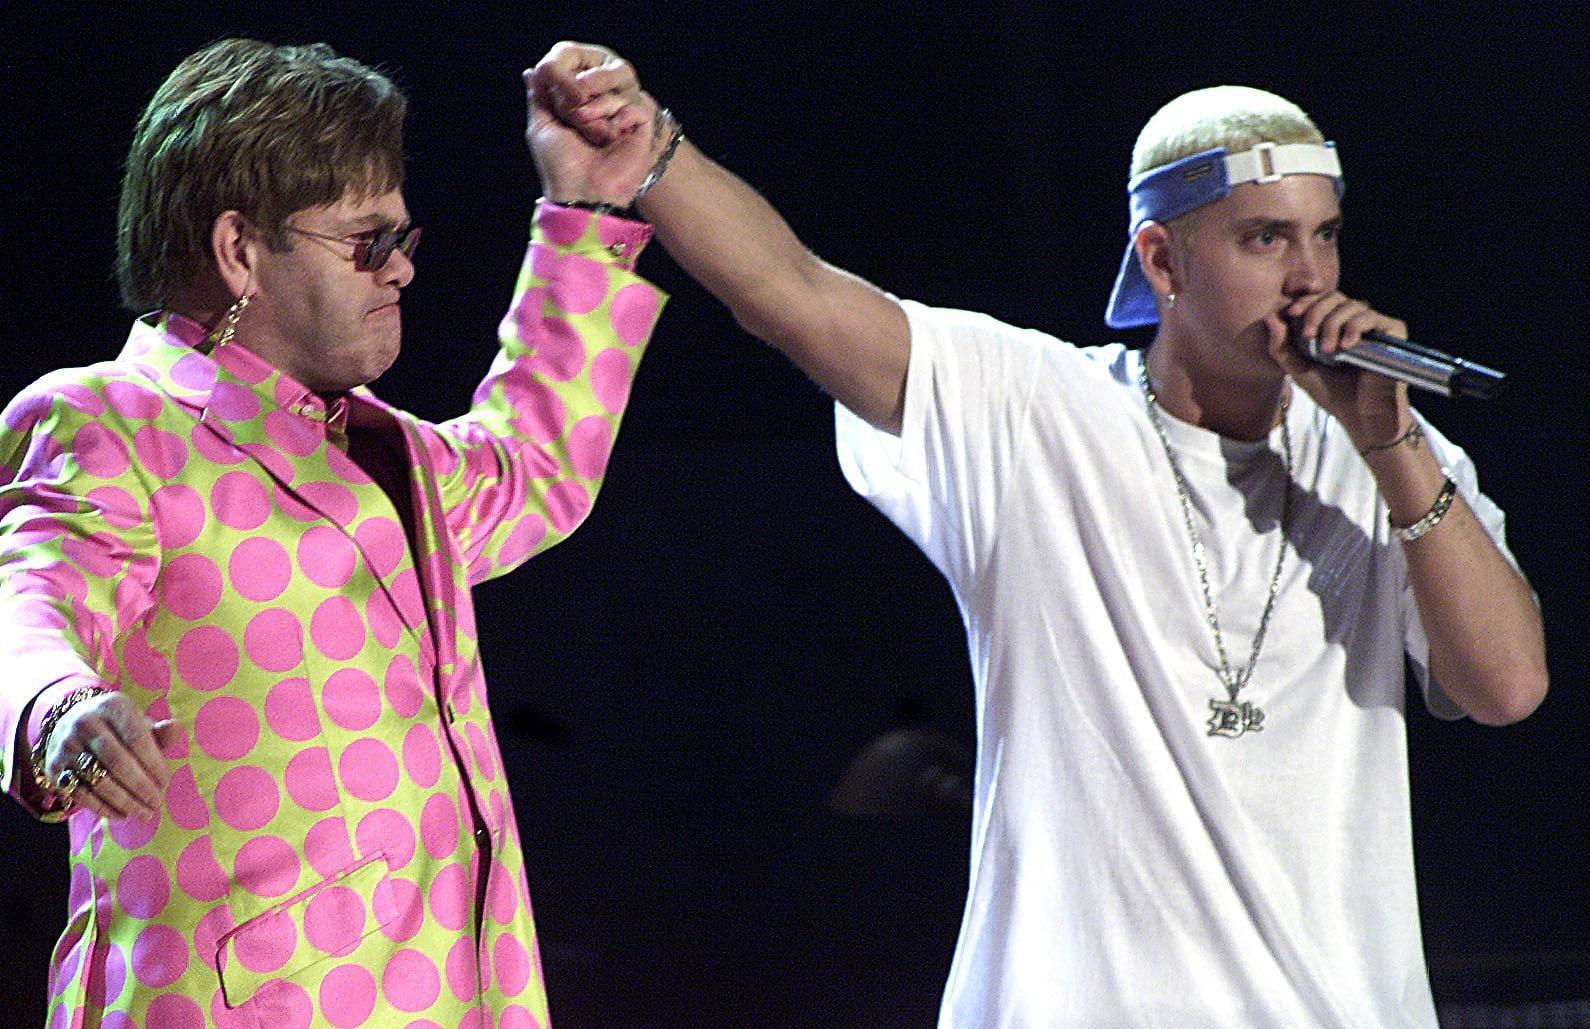 Elton John and Eminem famously performed together in 2001.